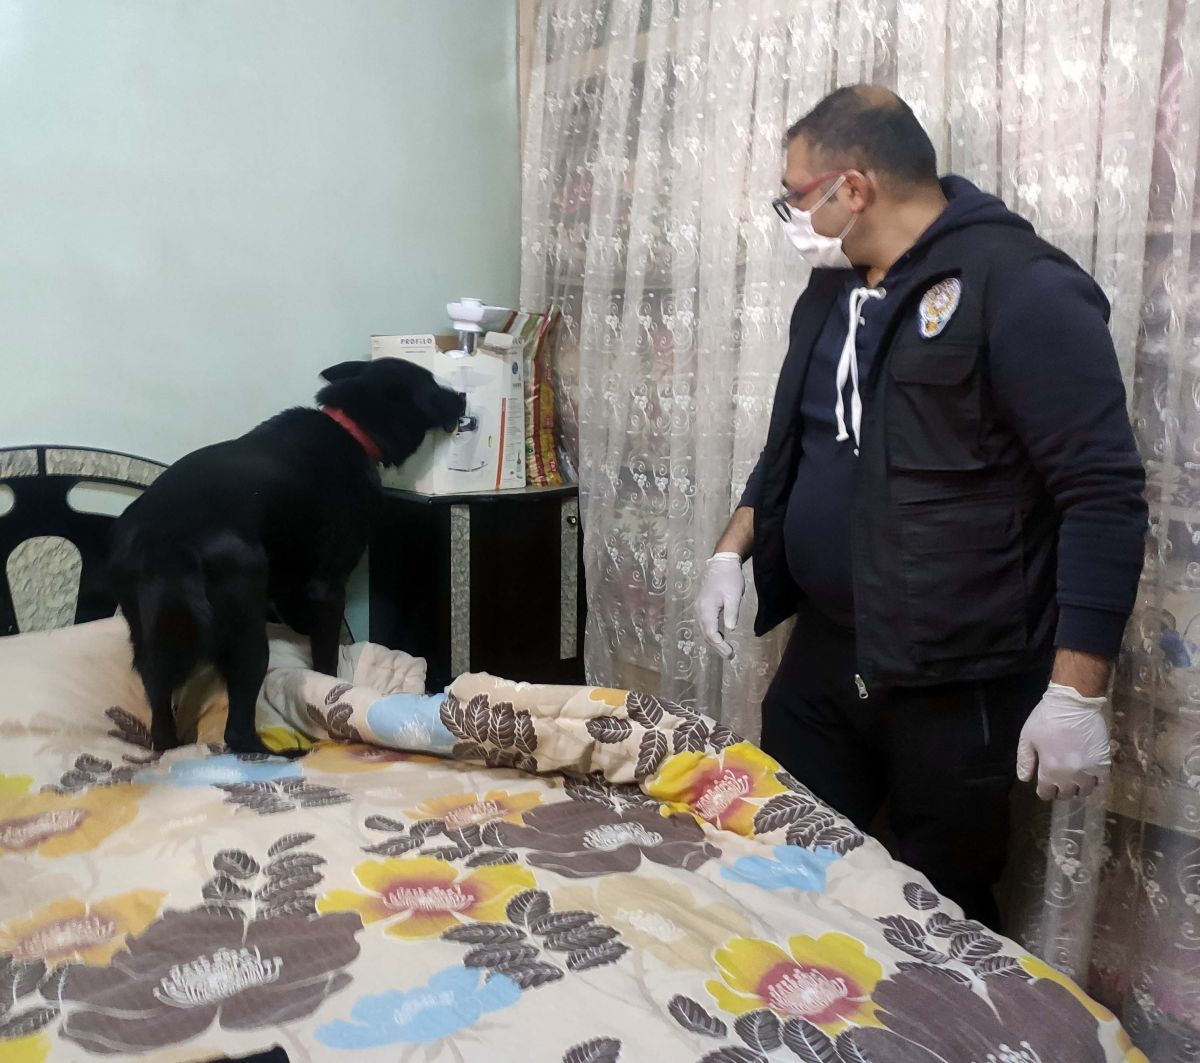 Gaziantep'te 950 polis, uyuşturucu operasyonuna katıldı: 29 gözaltı #2